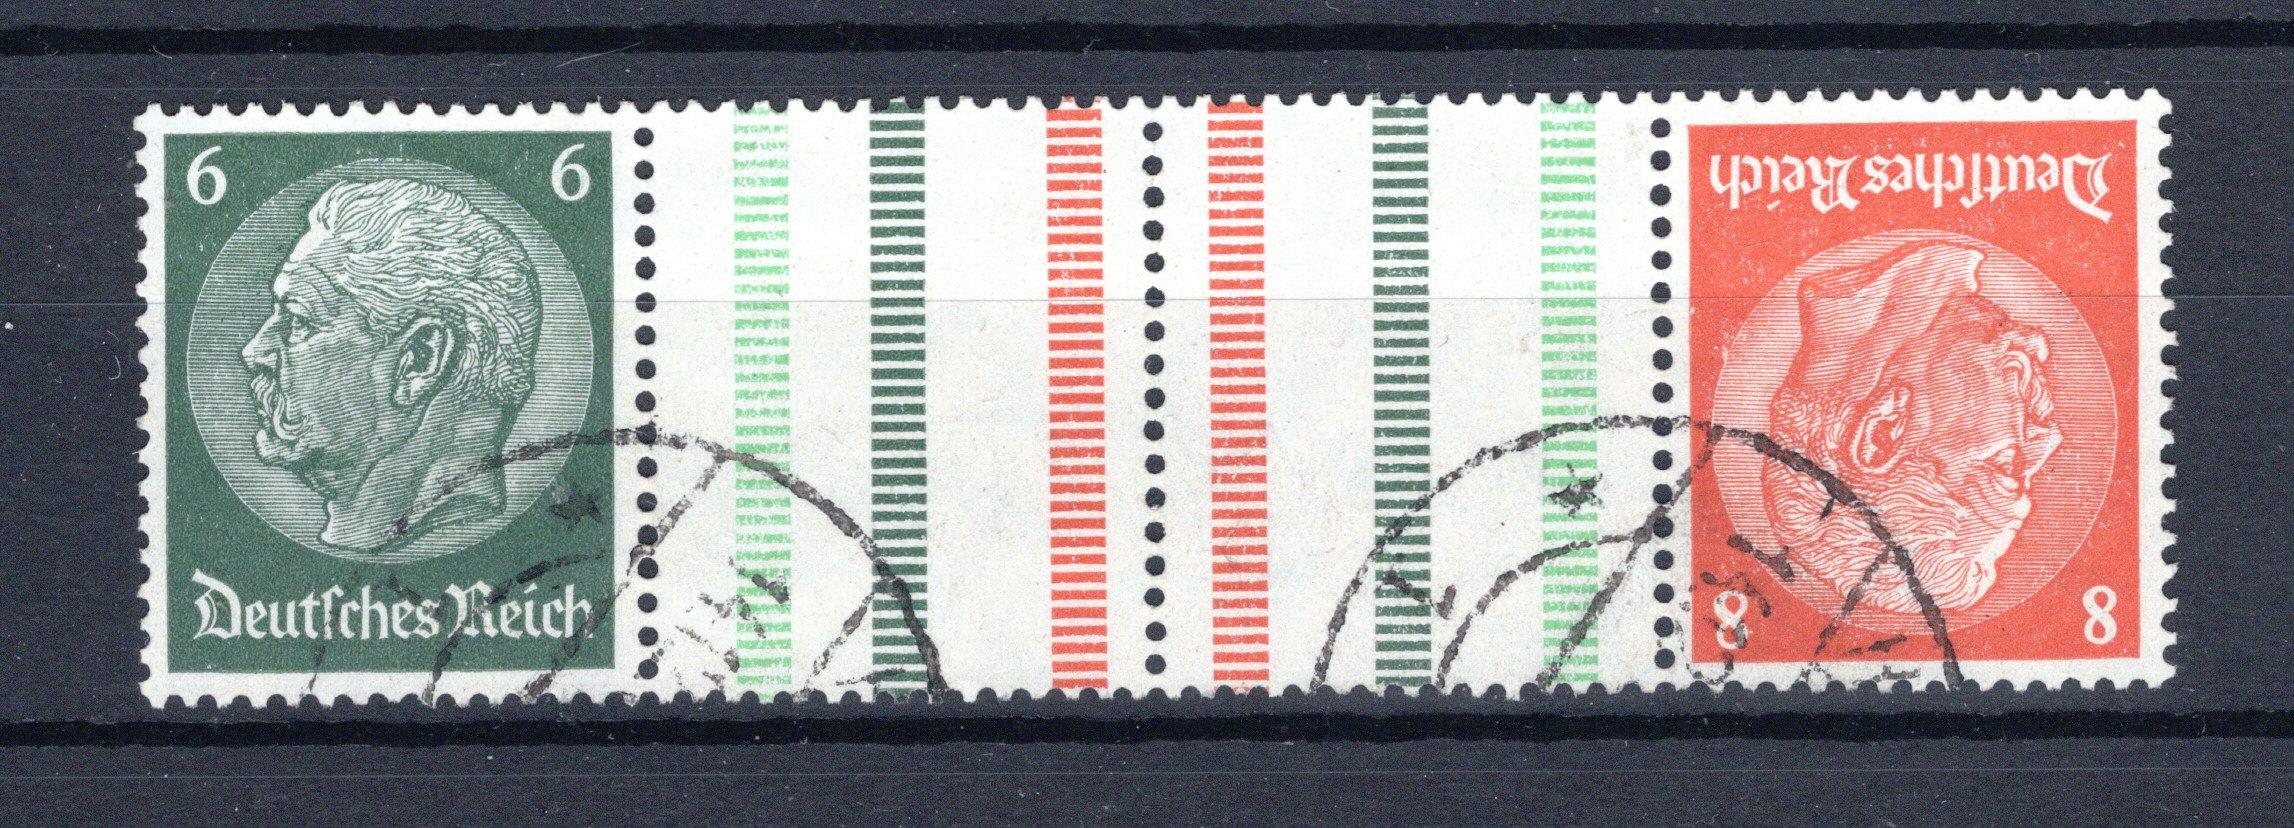 Lot 4358 - germany Democratic Republic (1948-1990) -  Georg Bühler Briefmarken Auktionen GmbH Auktion 333